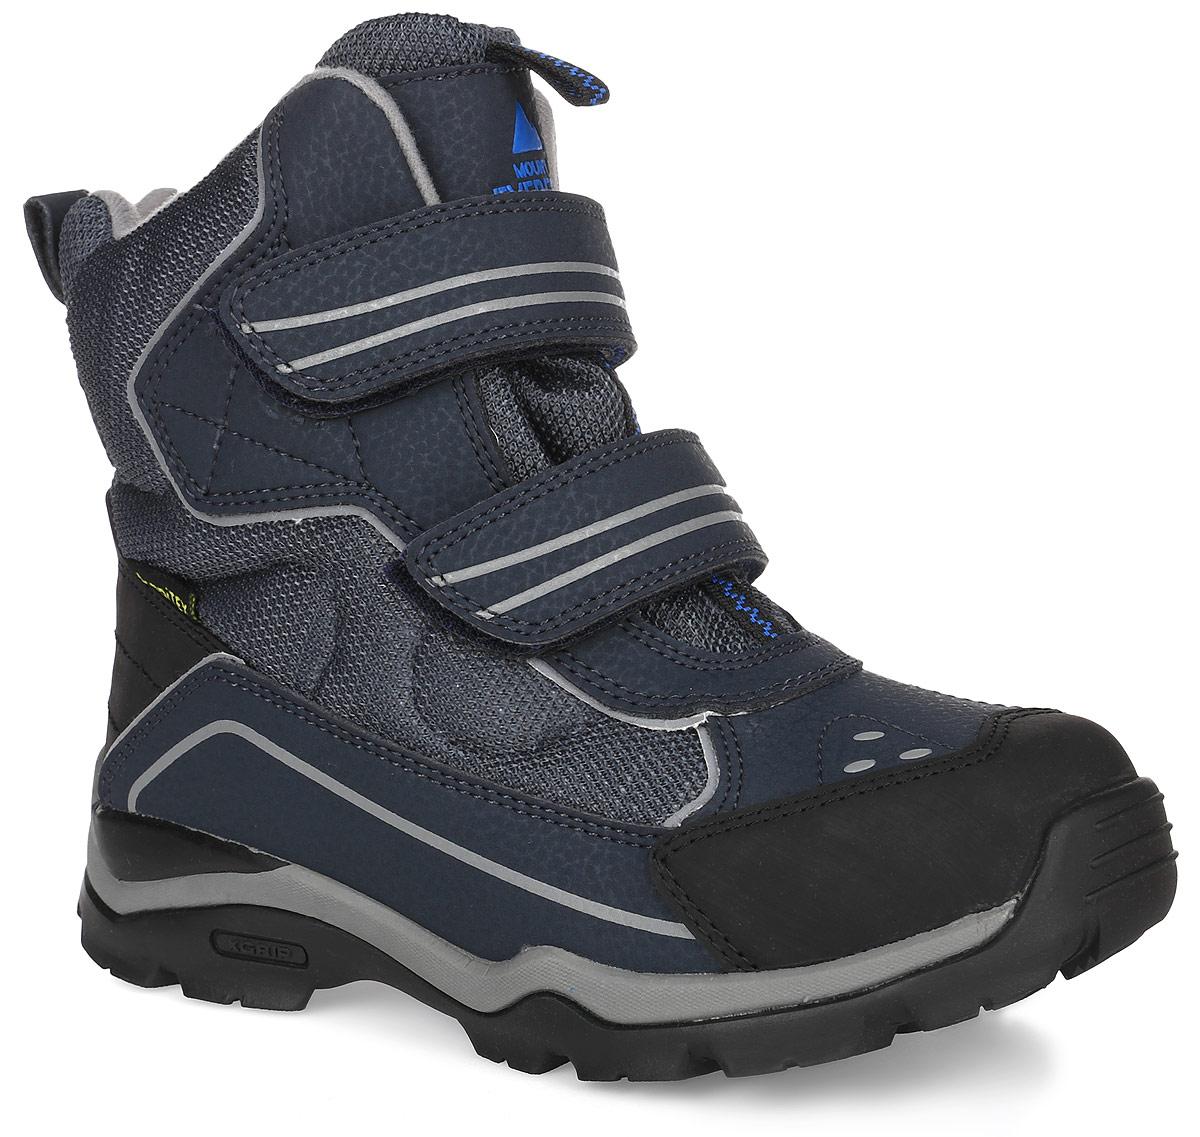 43189-1Детские ботинки от Kapika выполнены из искусственной кожи и водонепроницаемого текстиля (мембраны). Модель на застежках-липучках. Подкладка изготовлена из текстиля и шерсти. Подошва из прочной резины с добавлением вспененного полимера оснащена рифлением.